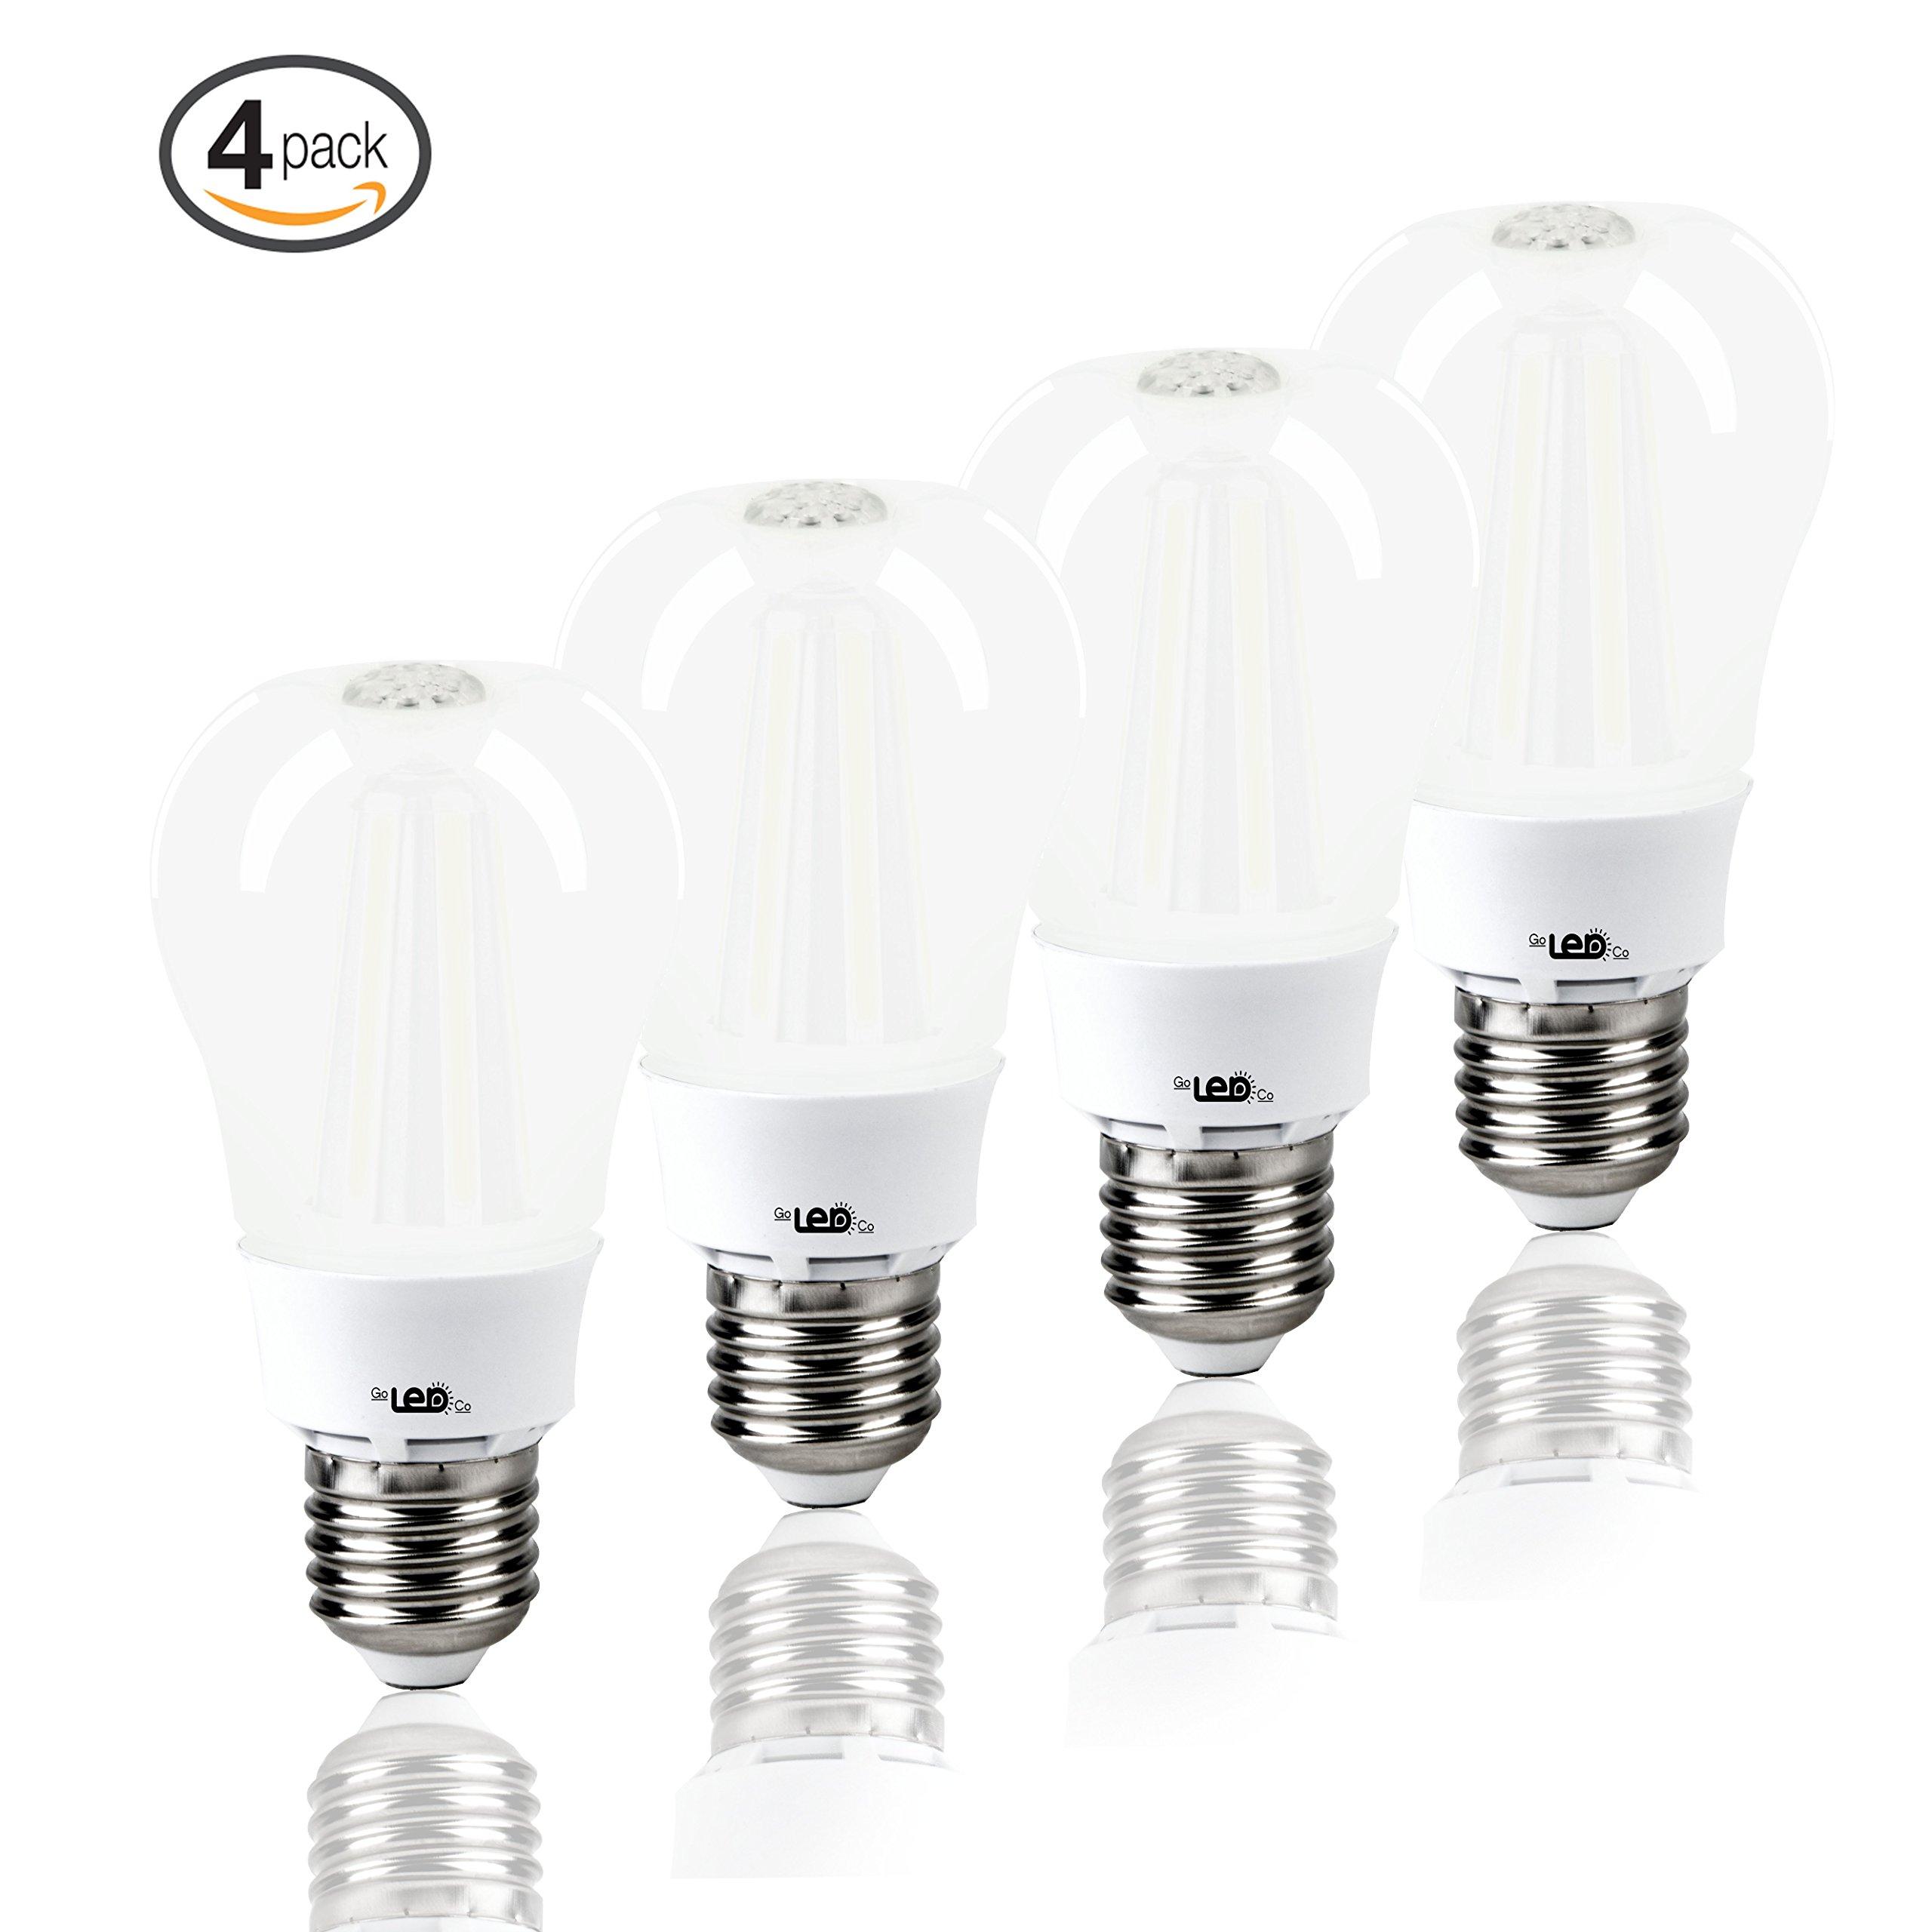 LED Light Bulbs for Home 60 watt Equivalent 8 Watt lights A19 Brightest Bulb Energy Star Soft White Glow Lighting 3000K 810 Lumens 2 Year Warranty 4-Pack